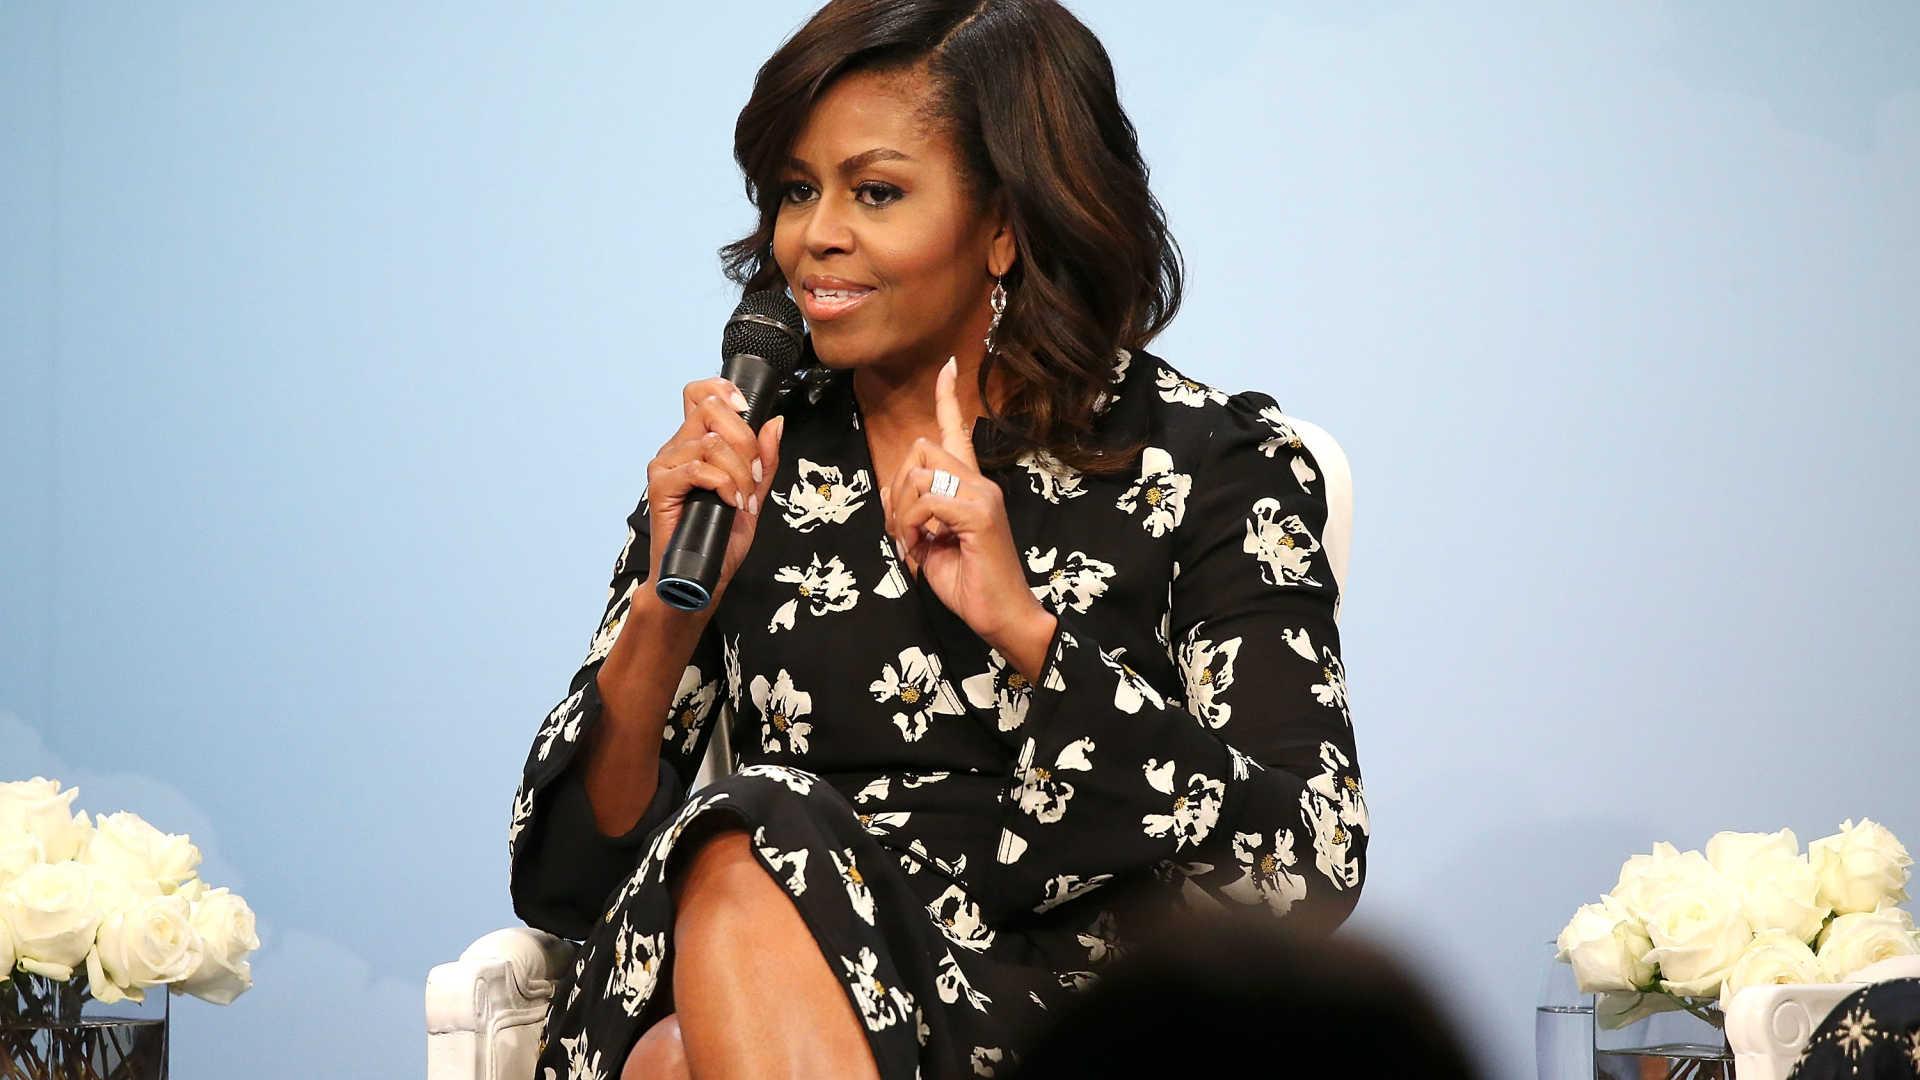 michelle obama volta a garantir que não é candidata a presidente dos eua - Michelle Obama - Michelle Obama volta a garantir que não é candidata a presidente dos EUA